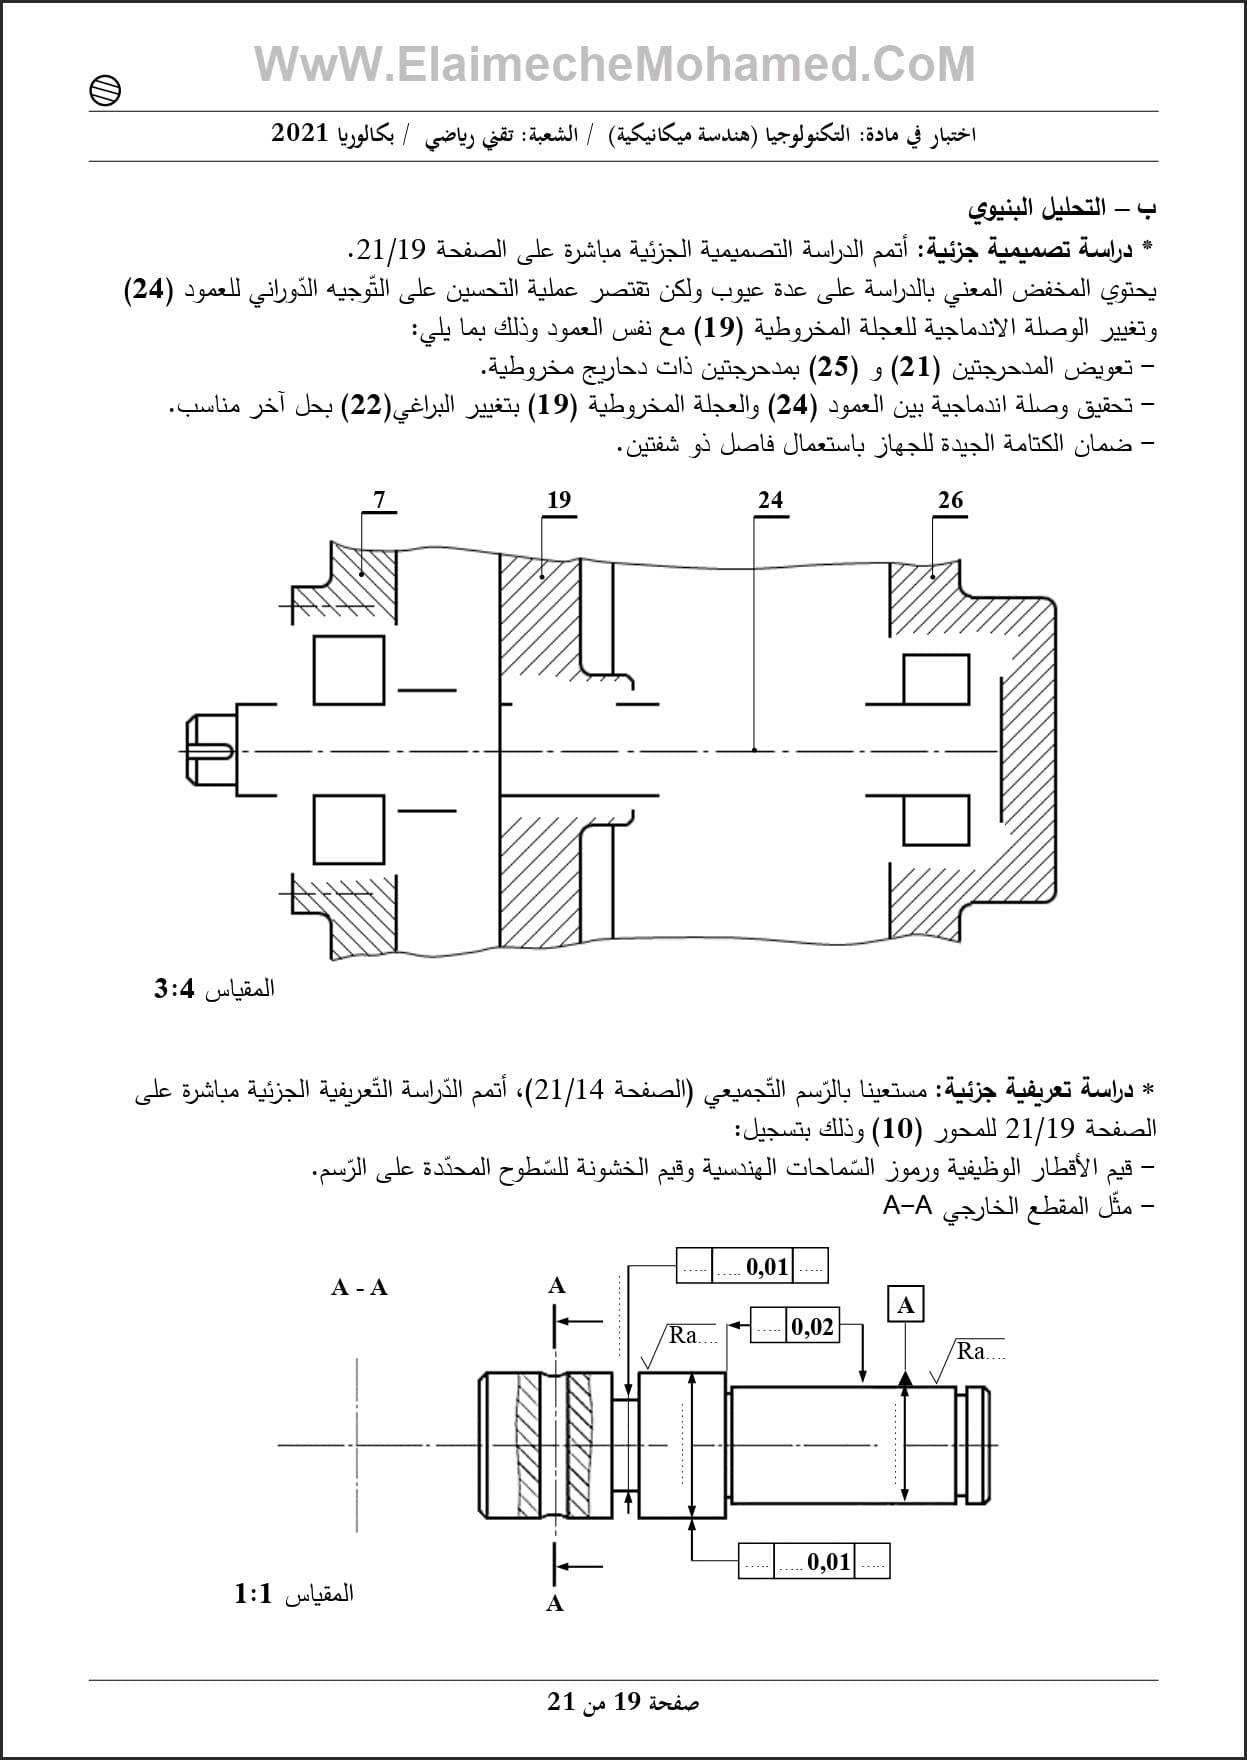 اختبار مادة الهندسة الميكانيكية